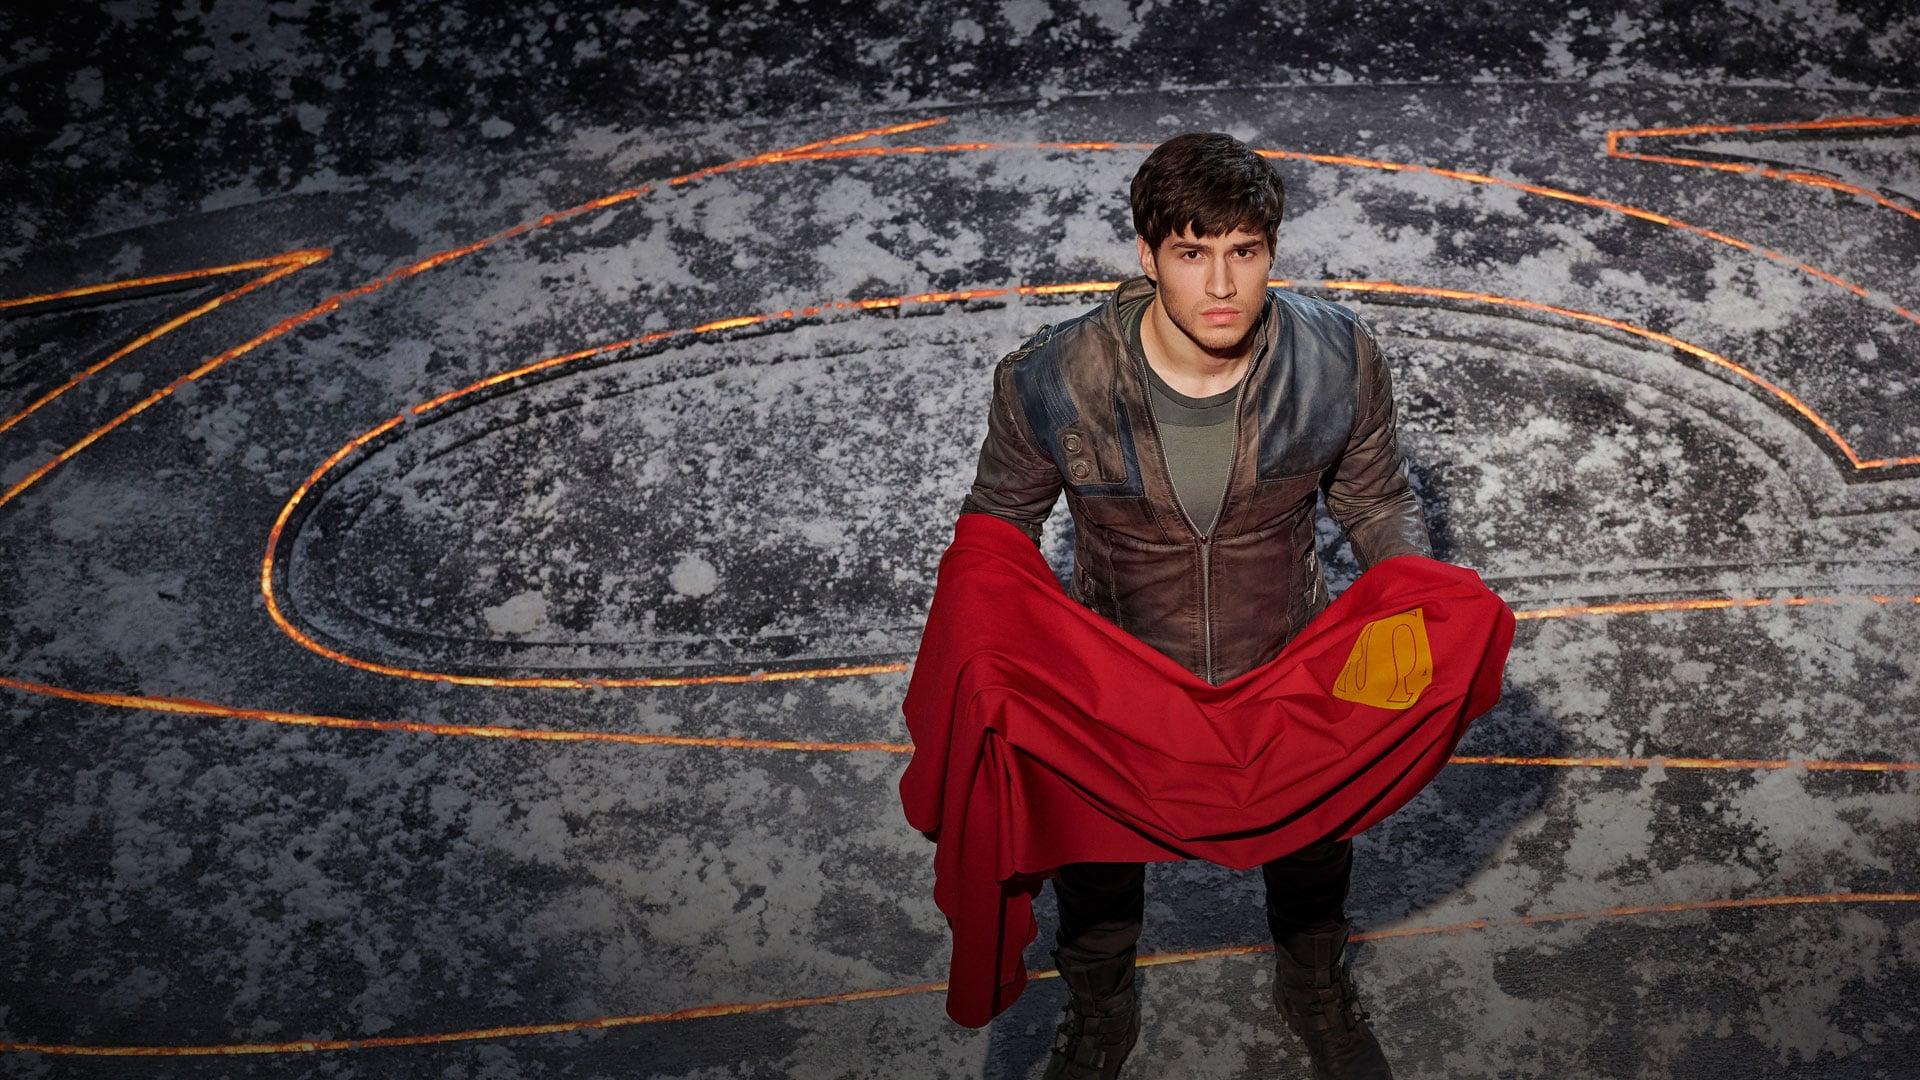 ¿Dónde puedo ver Krypton?